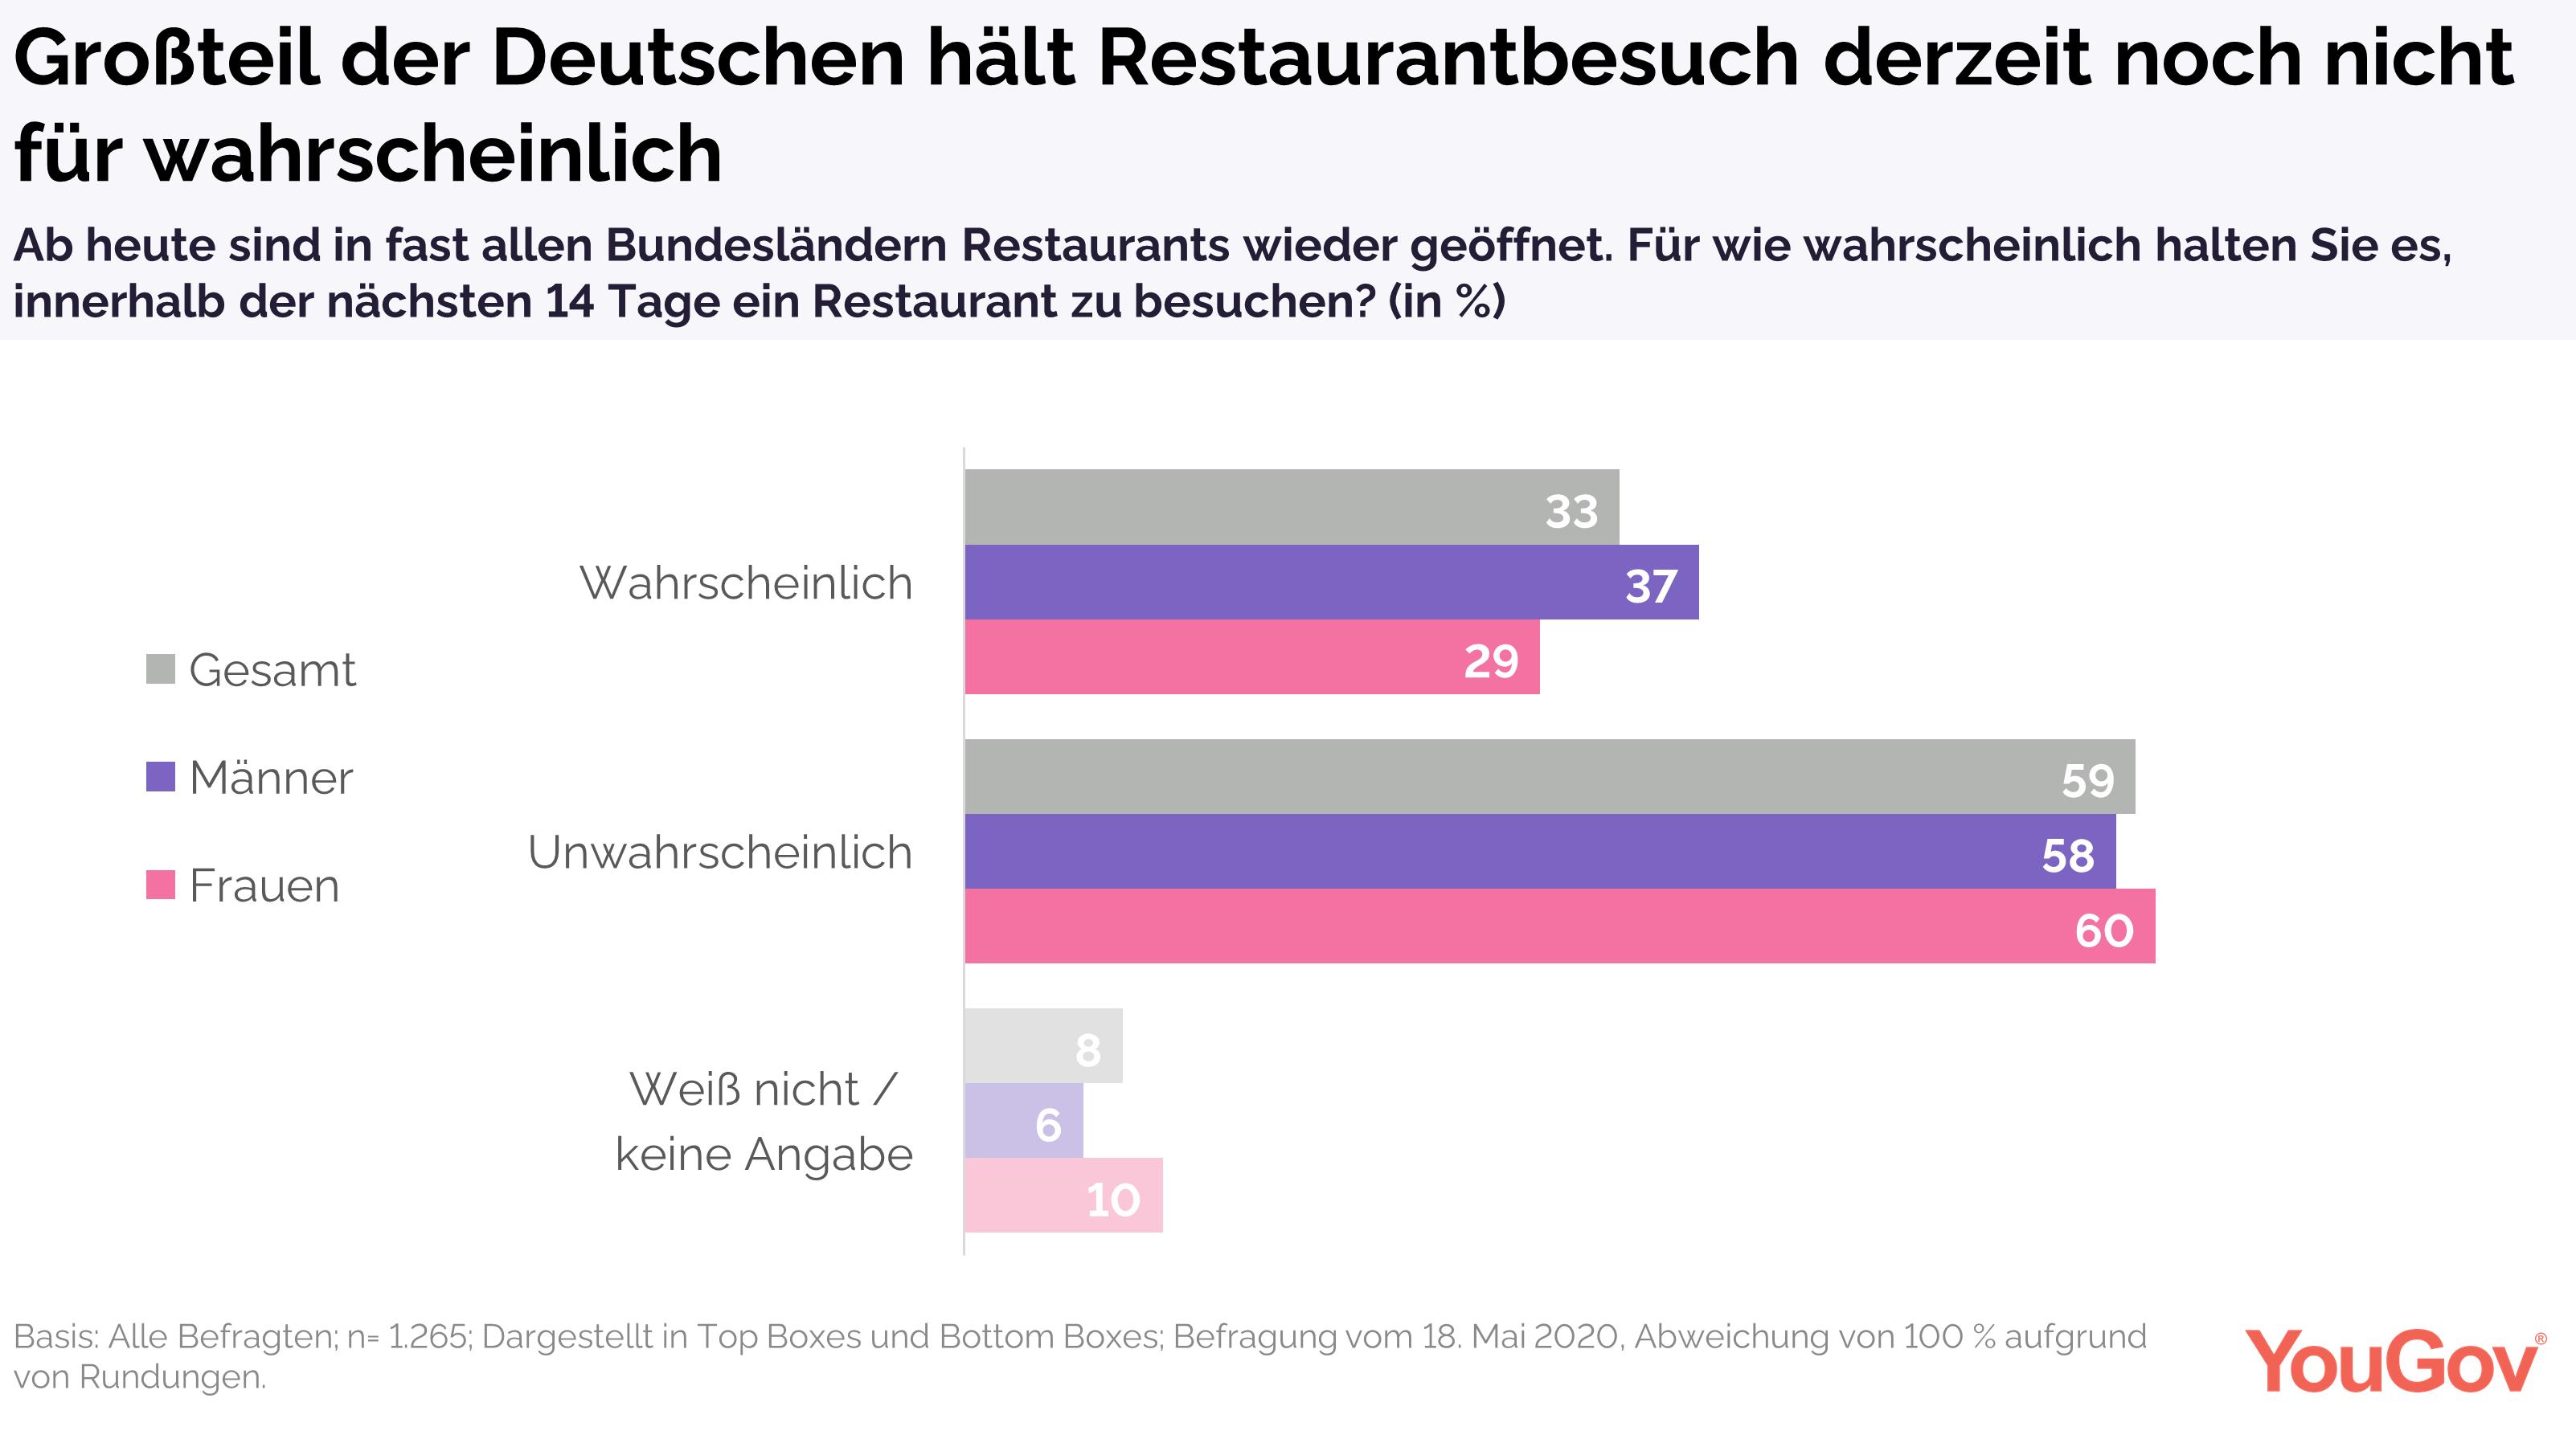 Restaurantbesuch für ein Drittel wahrscheinlich